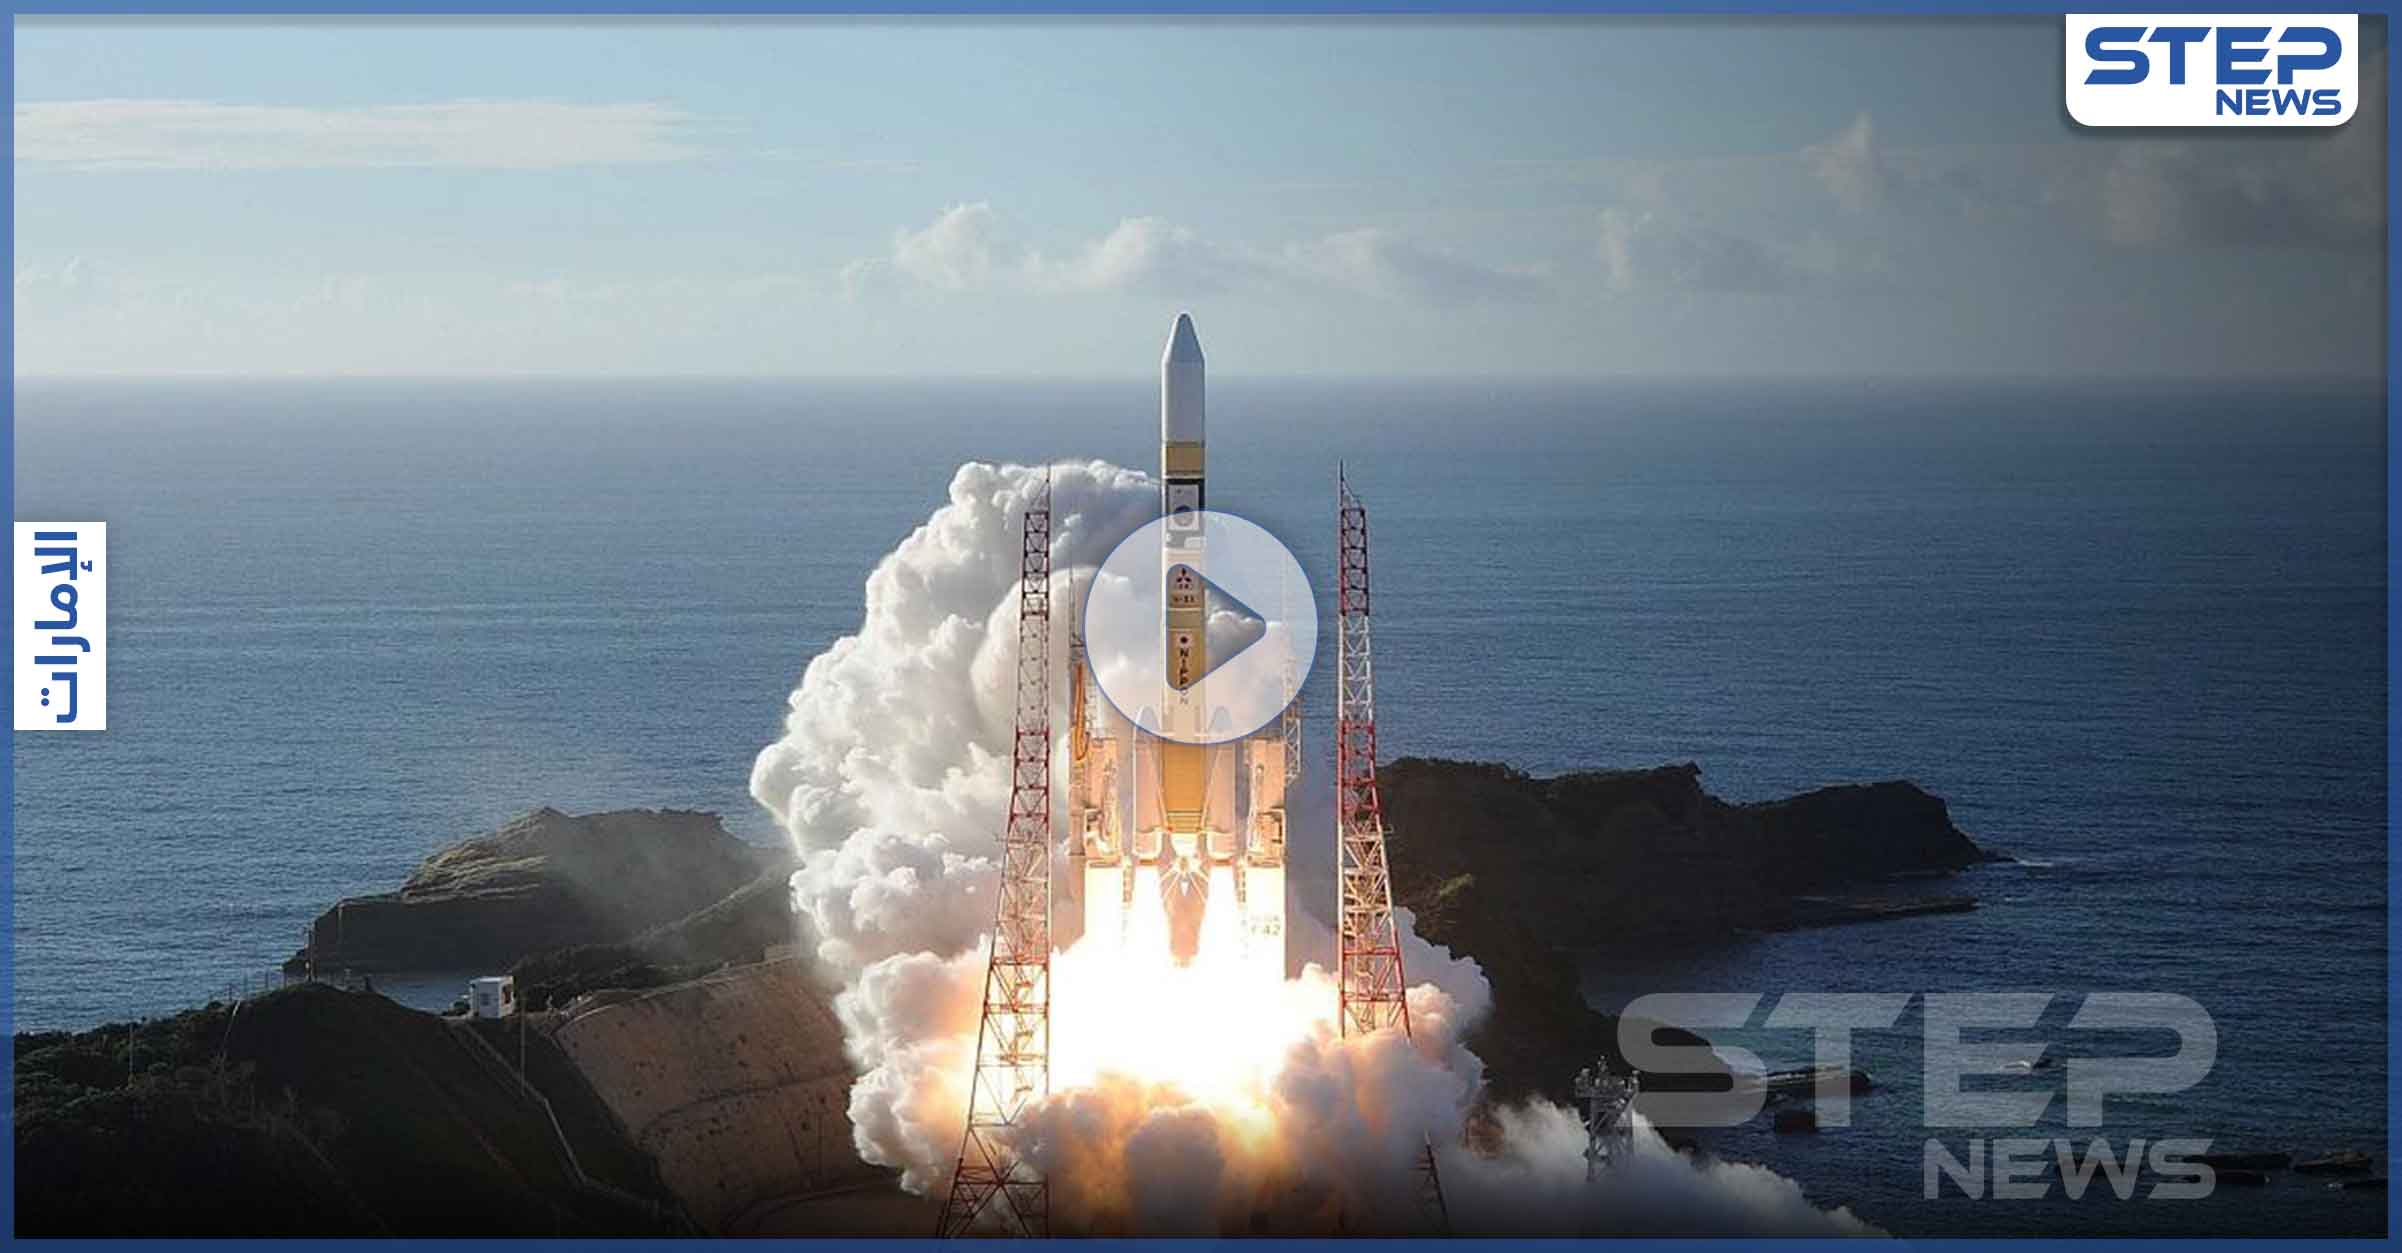 بالفيديو|| لحظات انطلاق مسبار الأمل.. أول رحلة عربية لاكتشاف المريخ